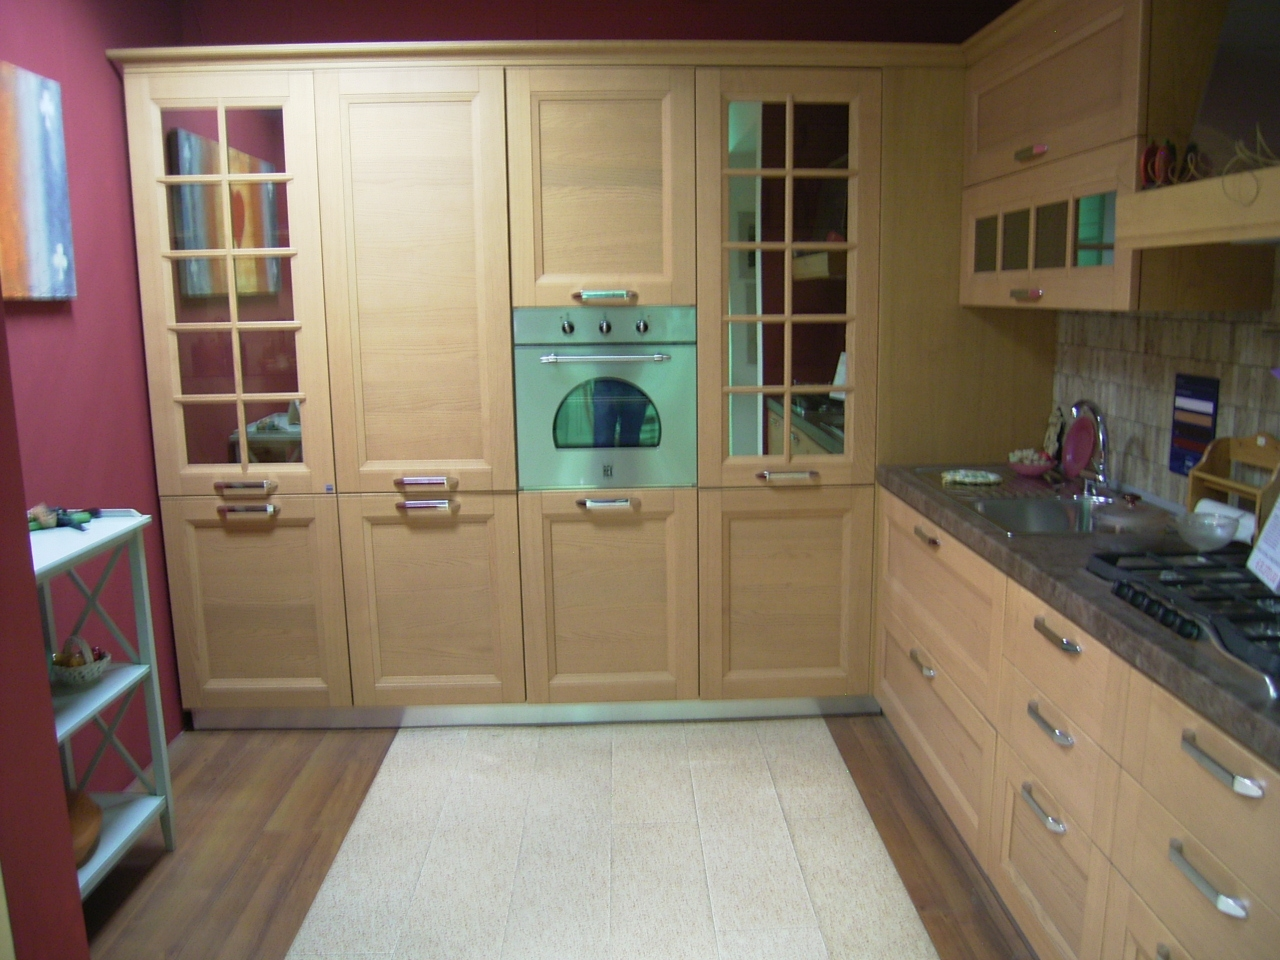 Cucina beverly stosa cucine a prezzi scontati - Cucina beverly stosa prezzi ...